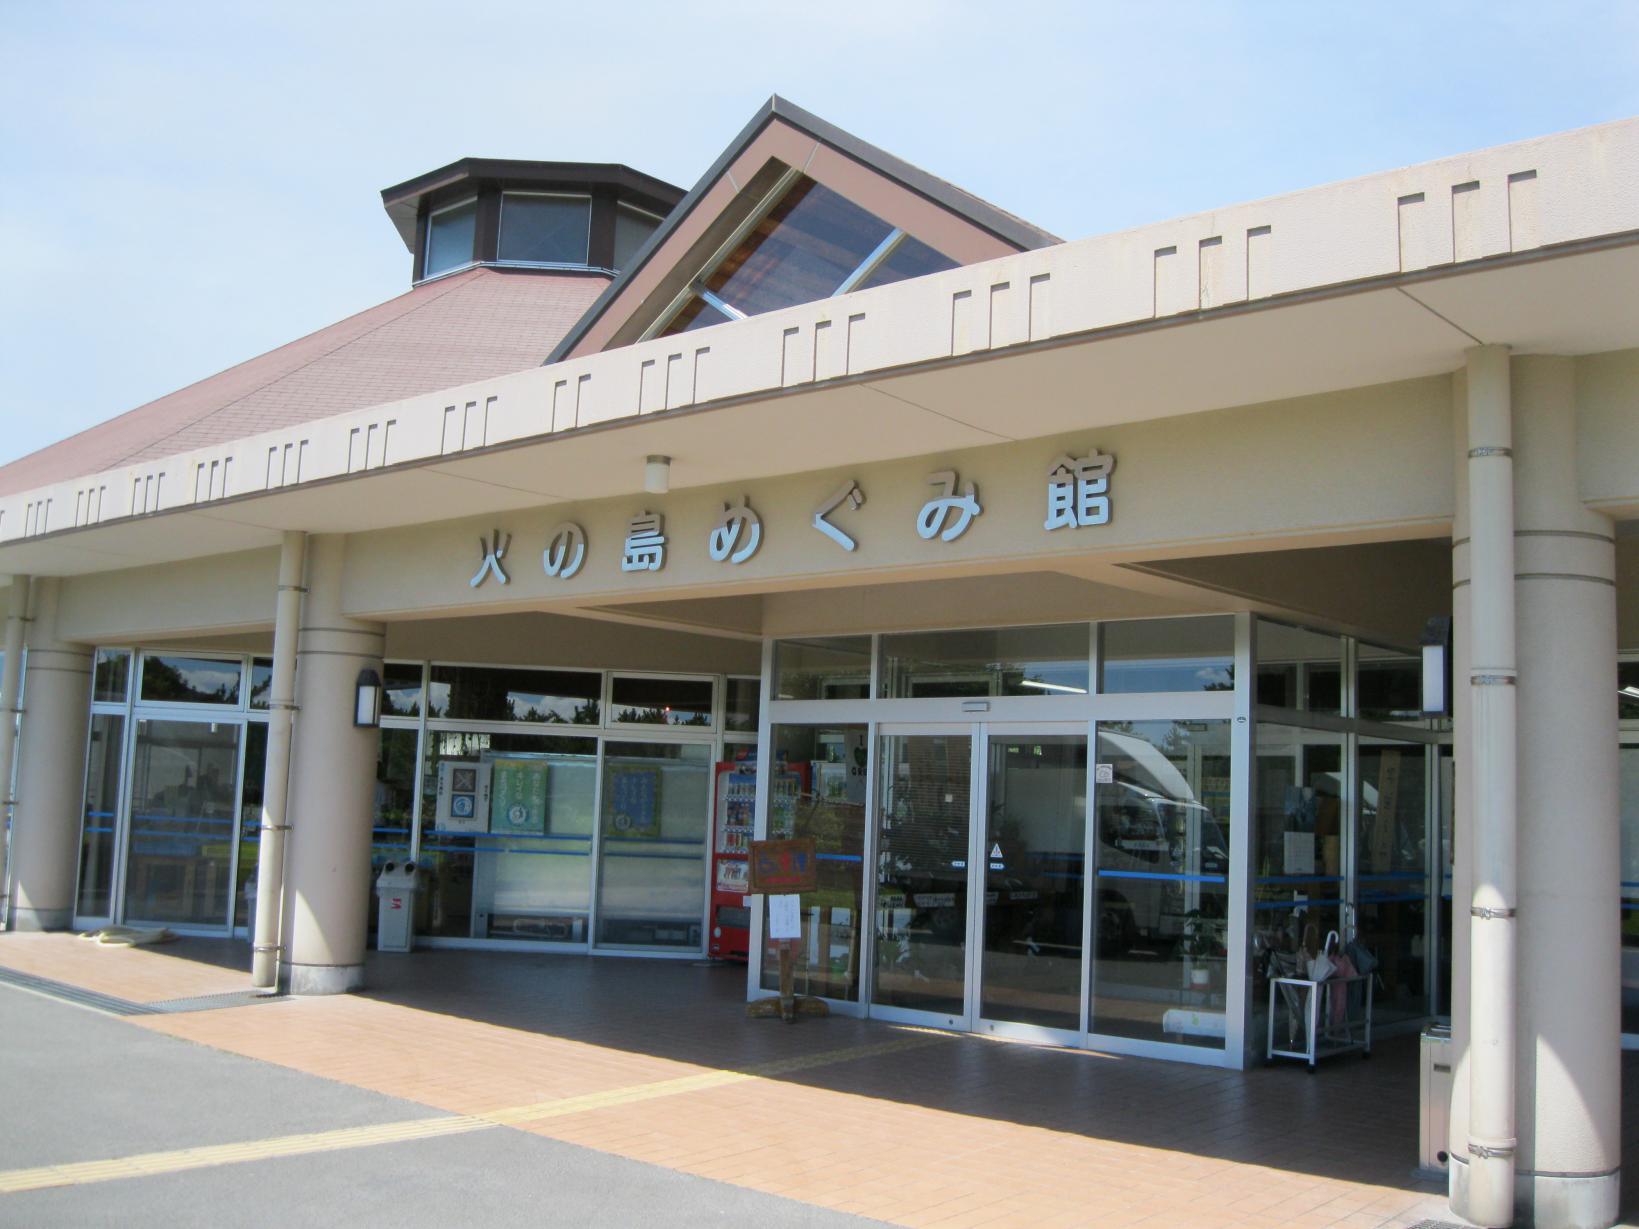 櫻島休息站 火之島物產館-1